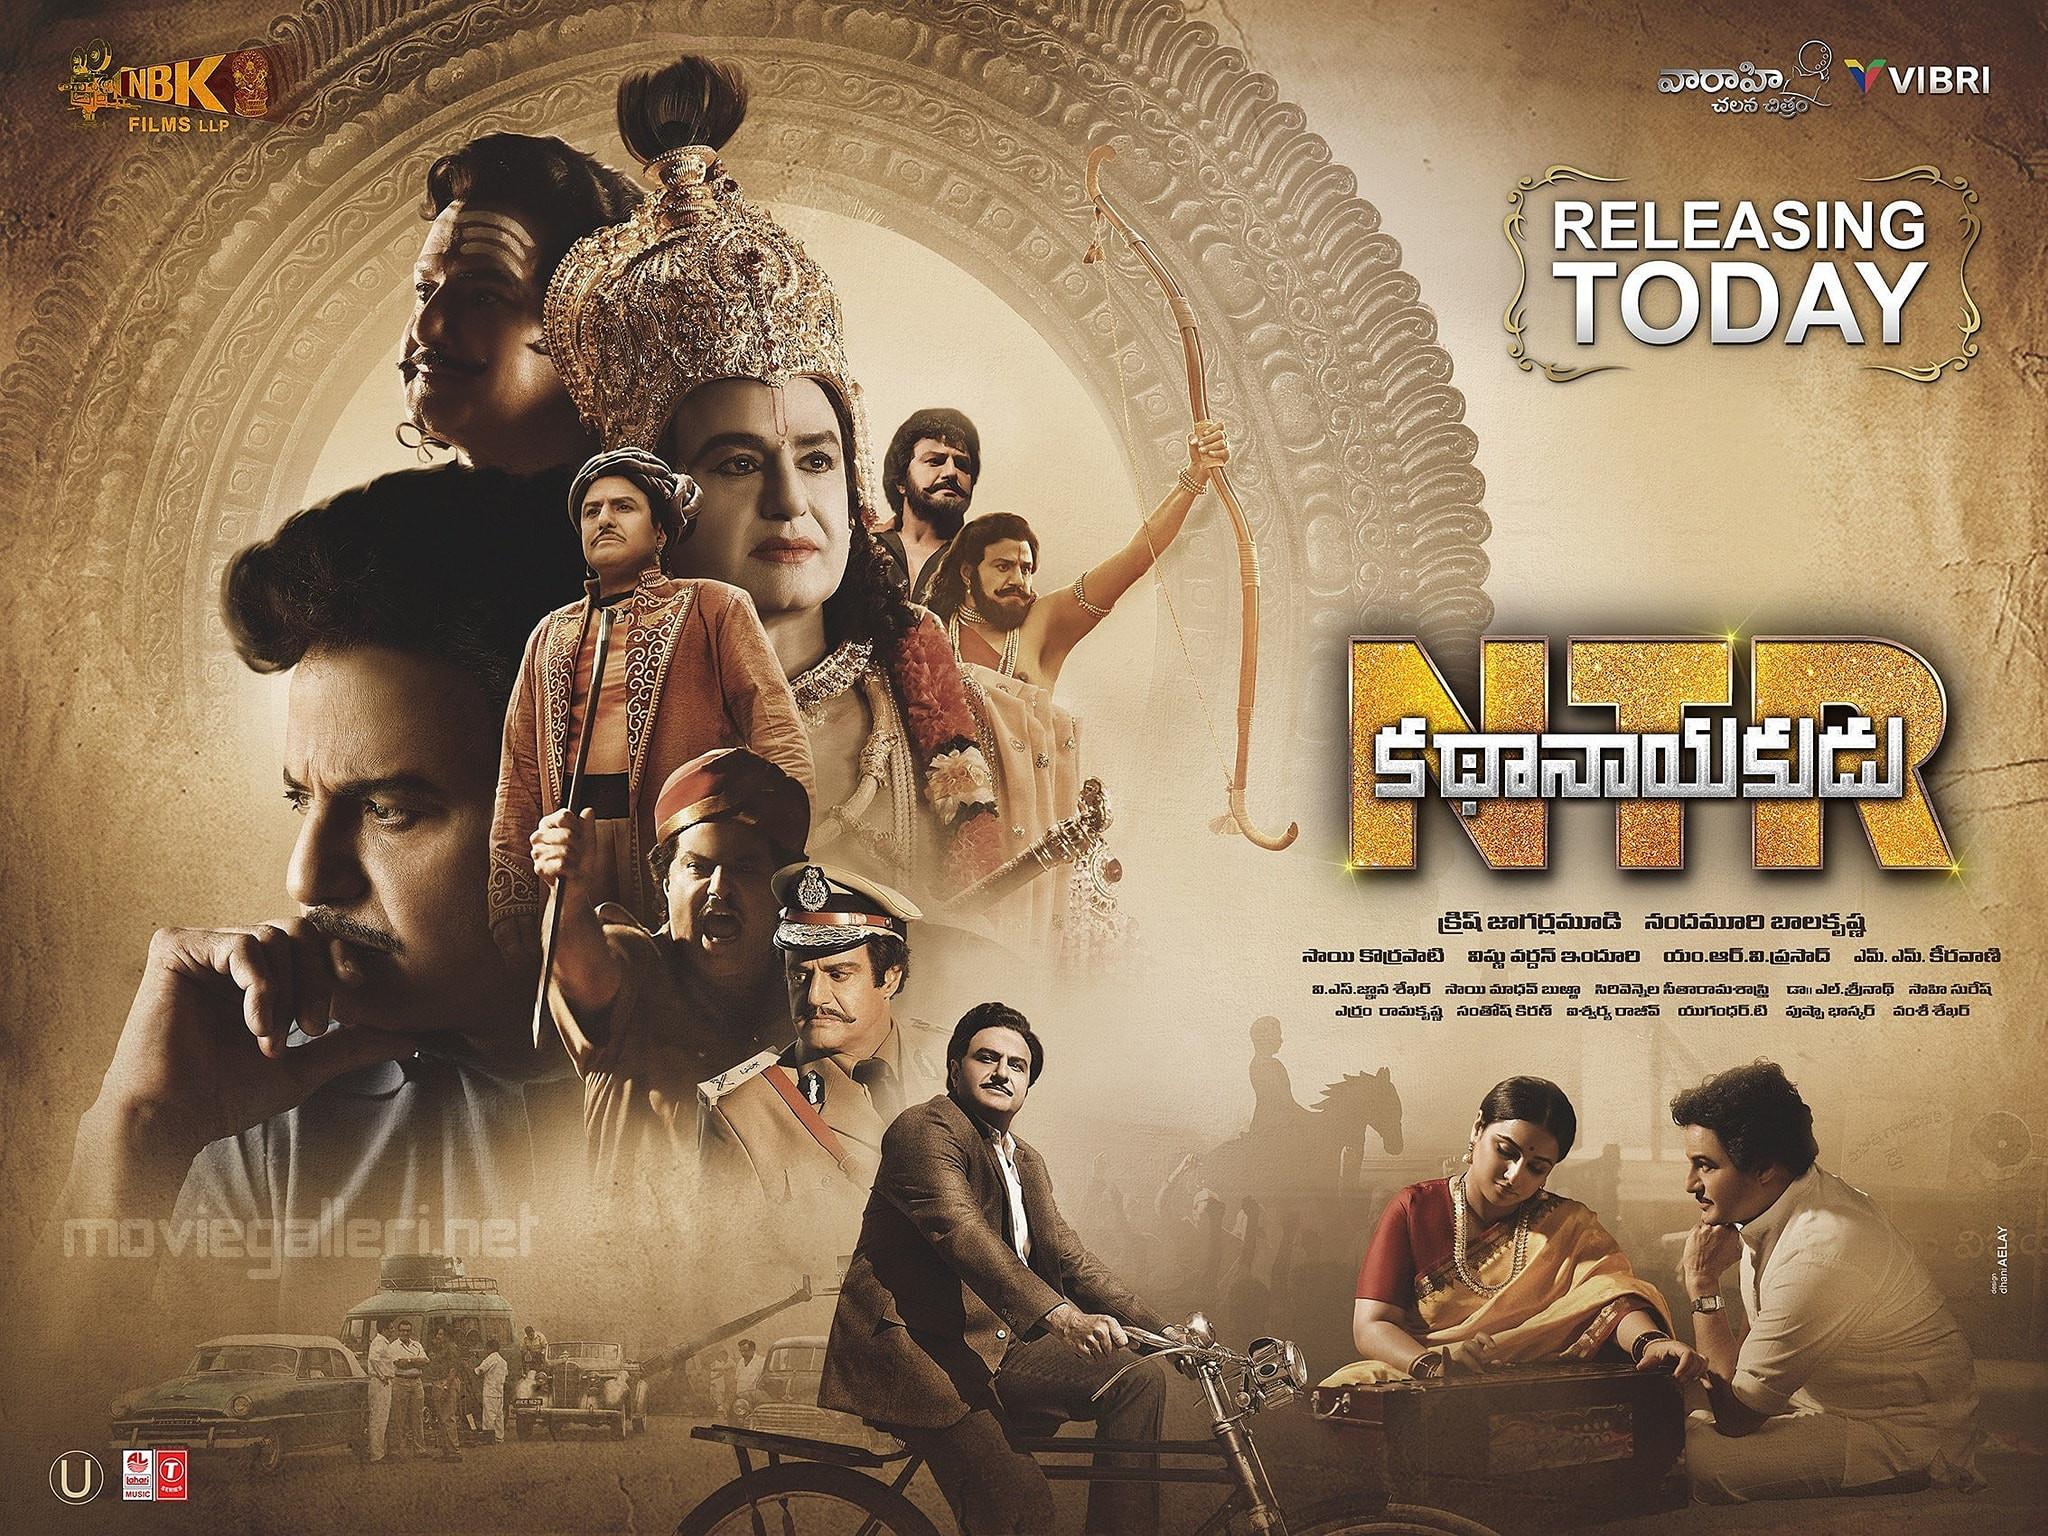 Vidya Balan Balakrishna NTR Kathanayakudu Movie Release Today Wallpaper HD